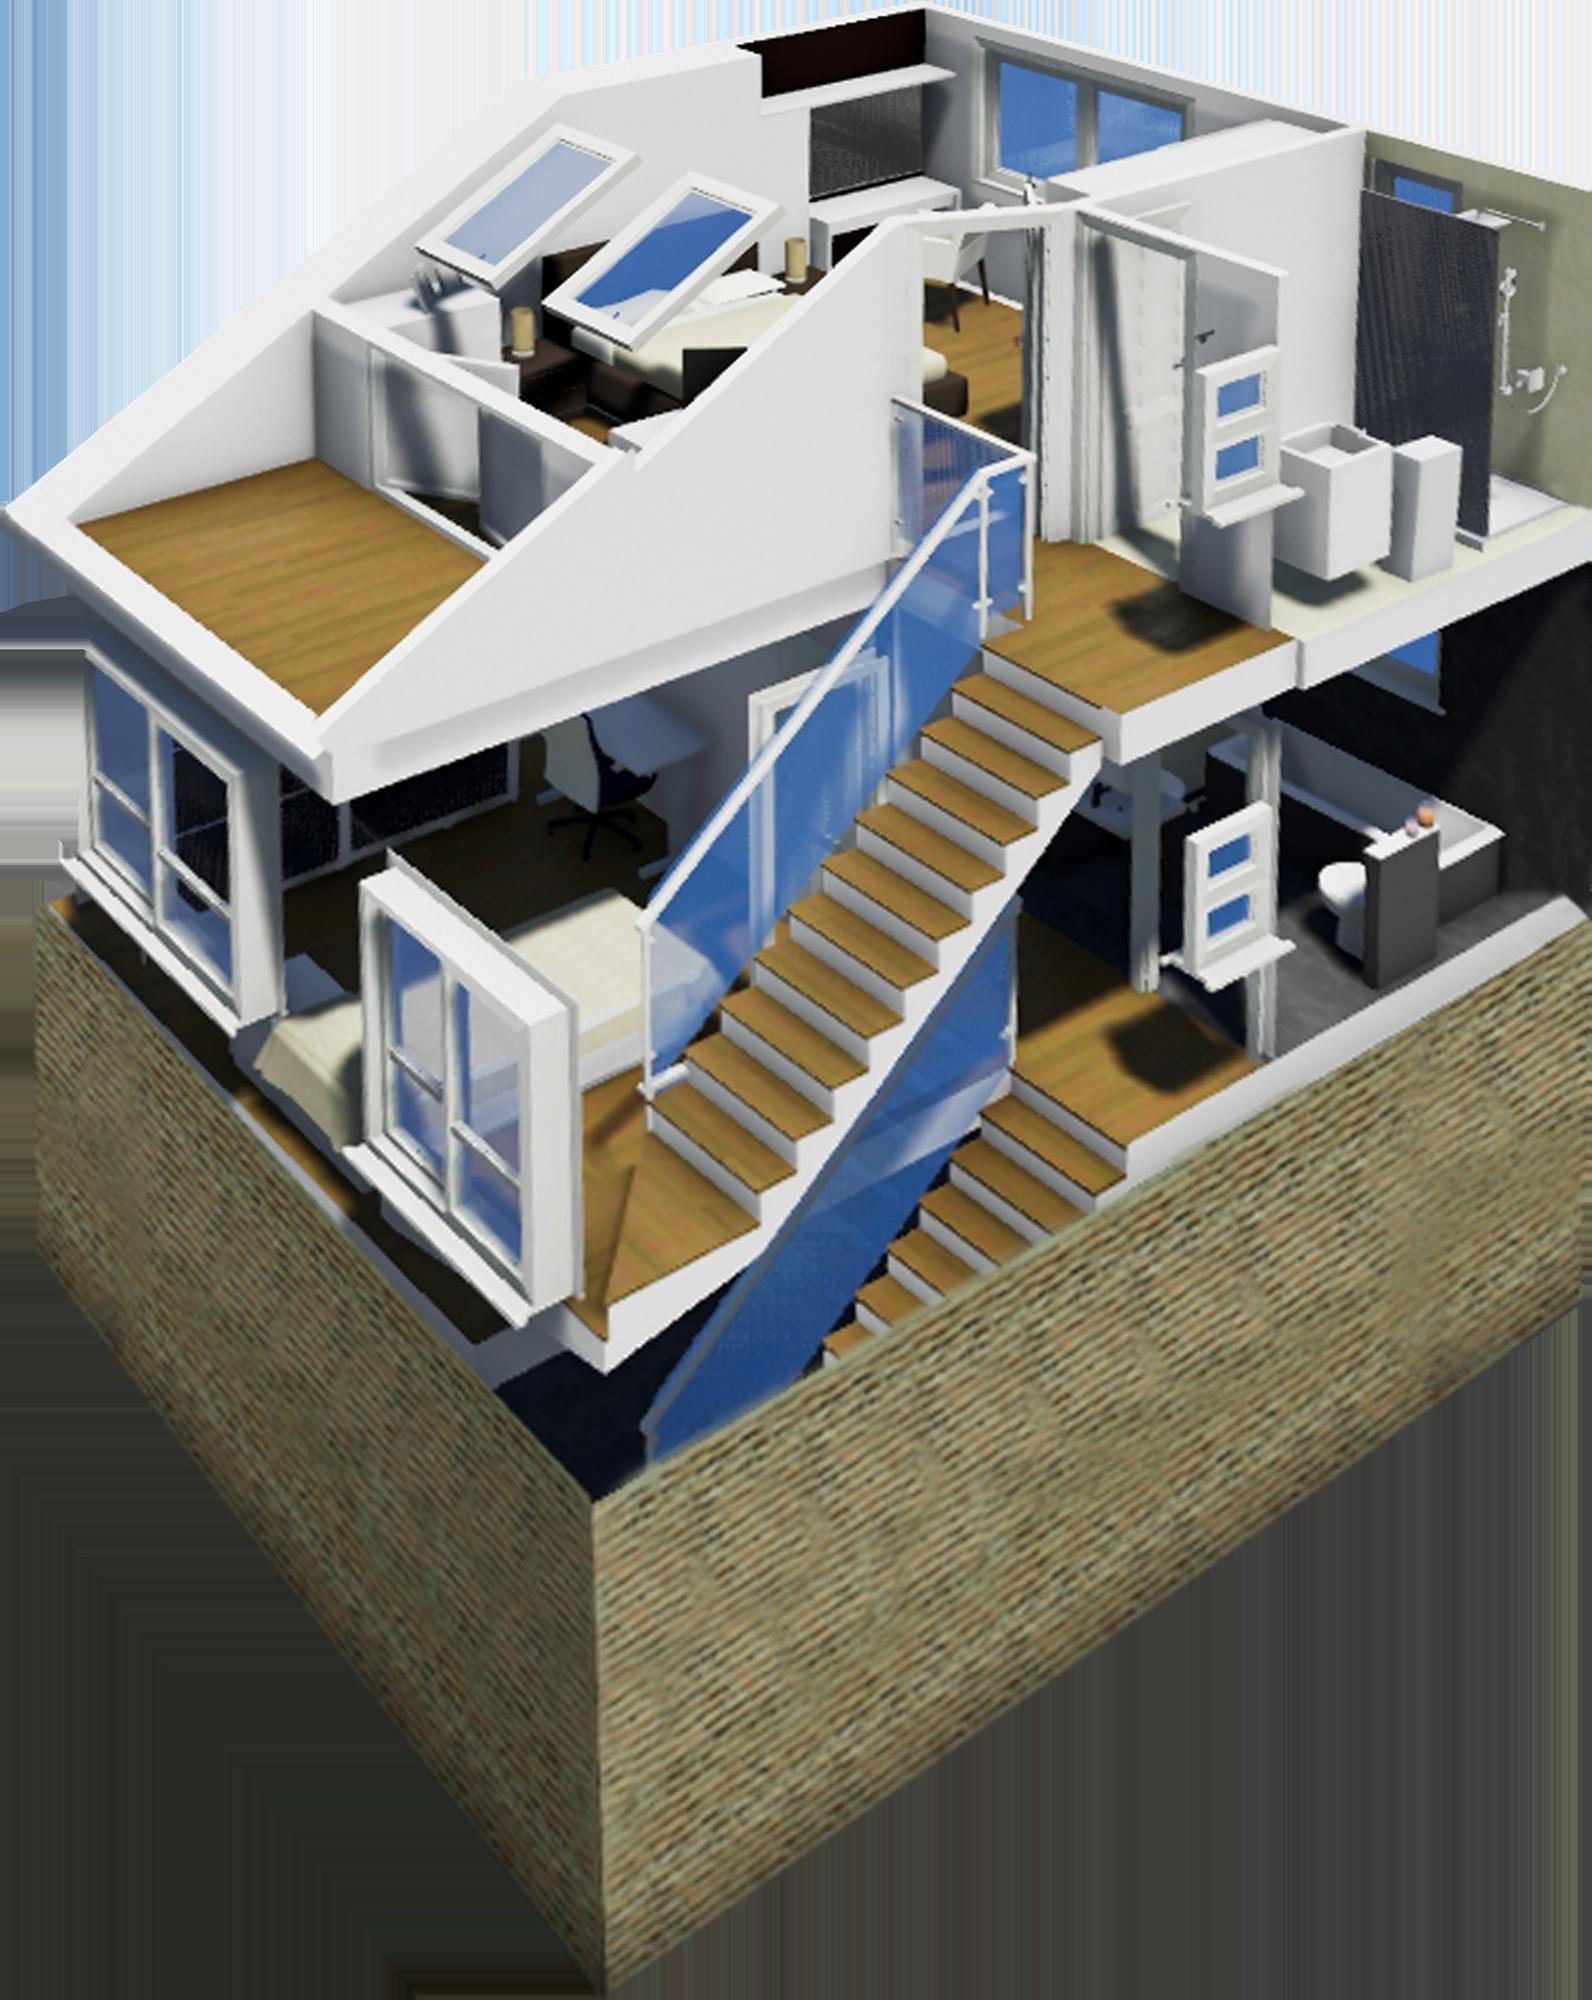 Gabriele Albanese - Portfolio - Casa AL_19 - London UK - Modellazione Tridimensionale - Spaccato assonometrico